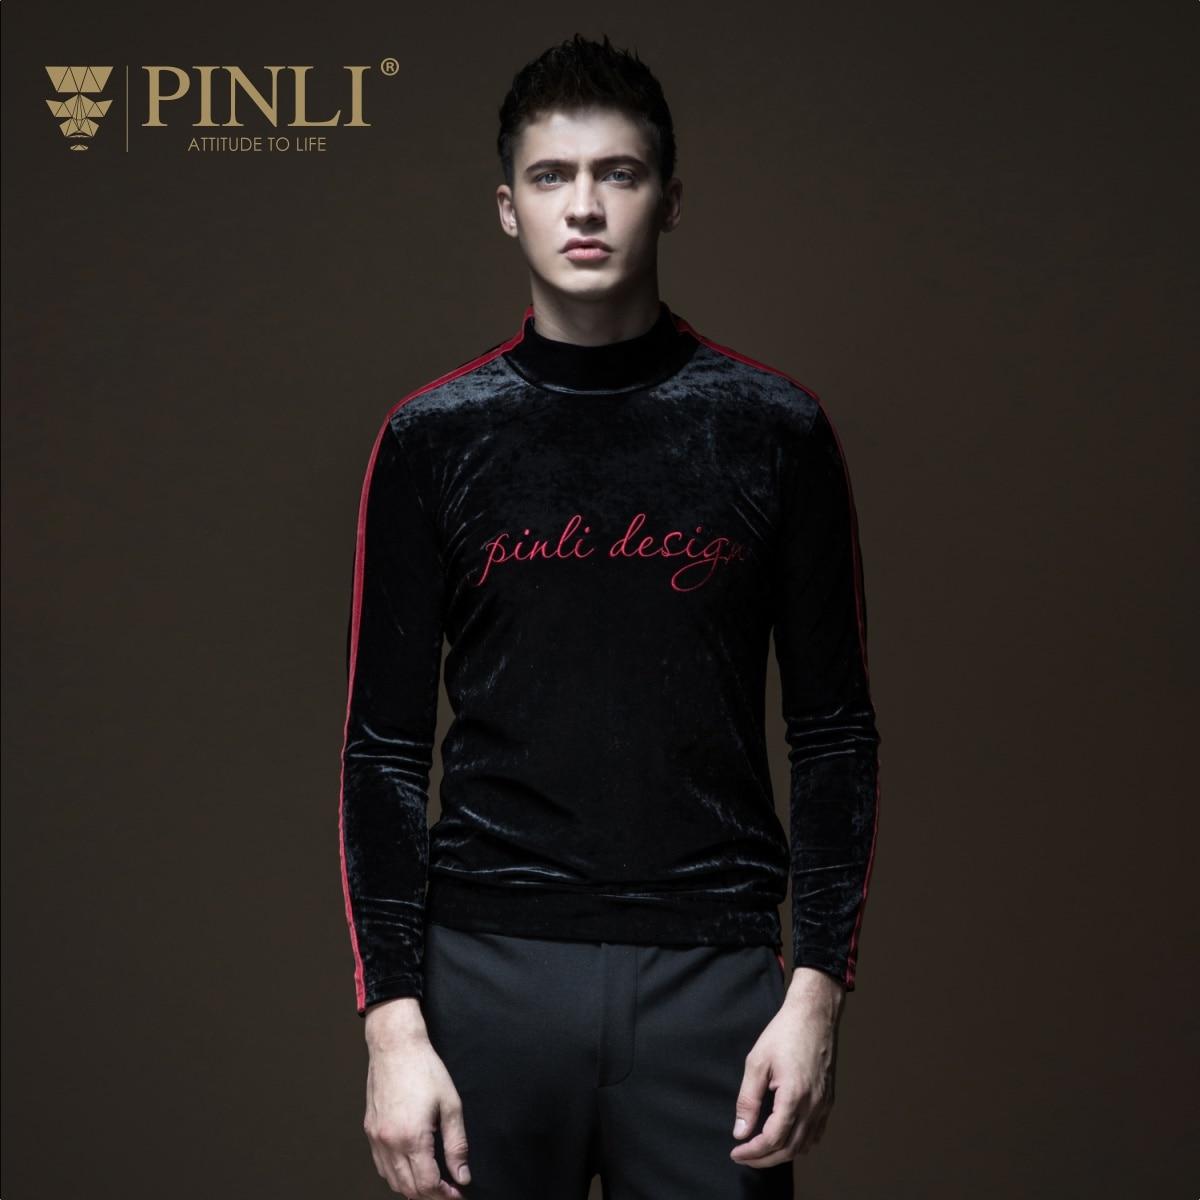 Palace jeu de trône de trône sous-conte Pinli Pin Li nouveau Style hommes col, ruban de velours, T-shirt à manches longues B183211441